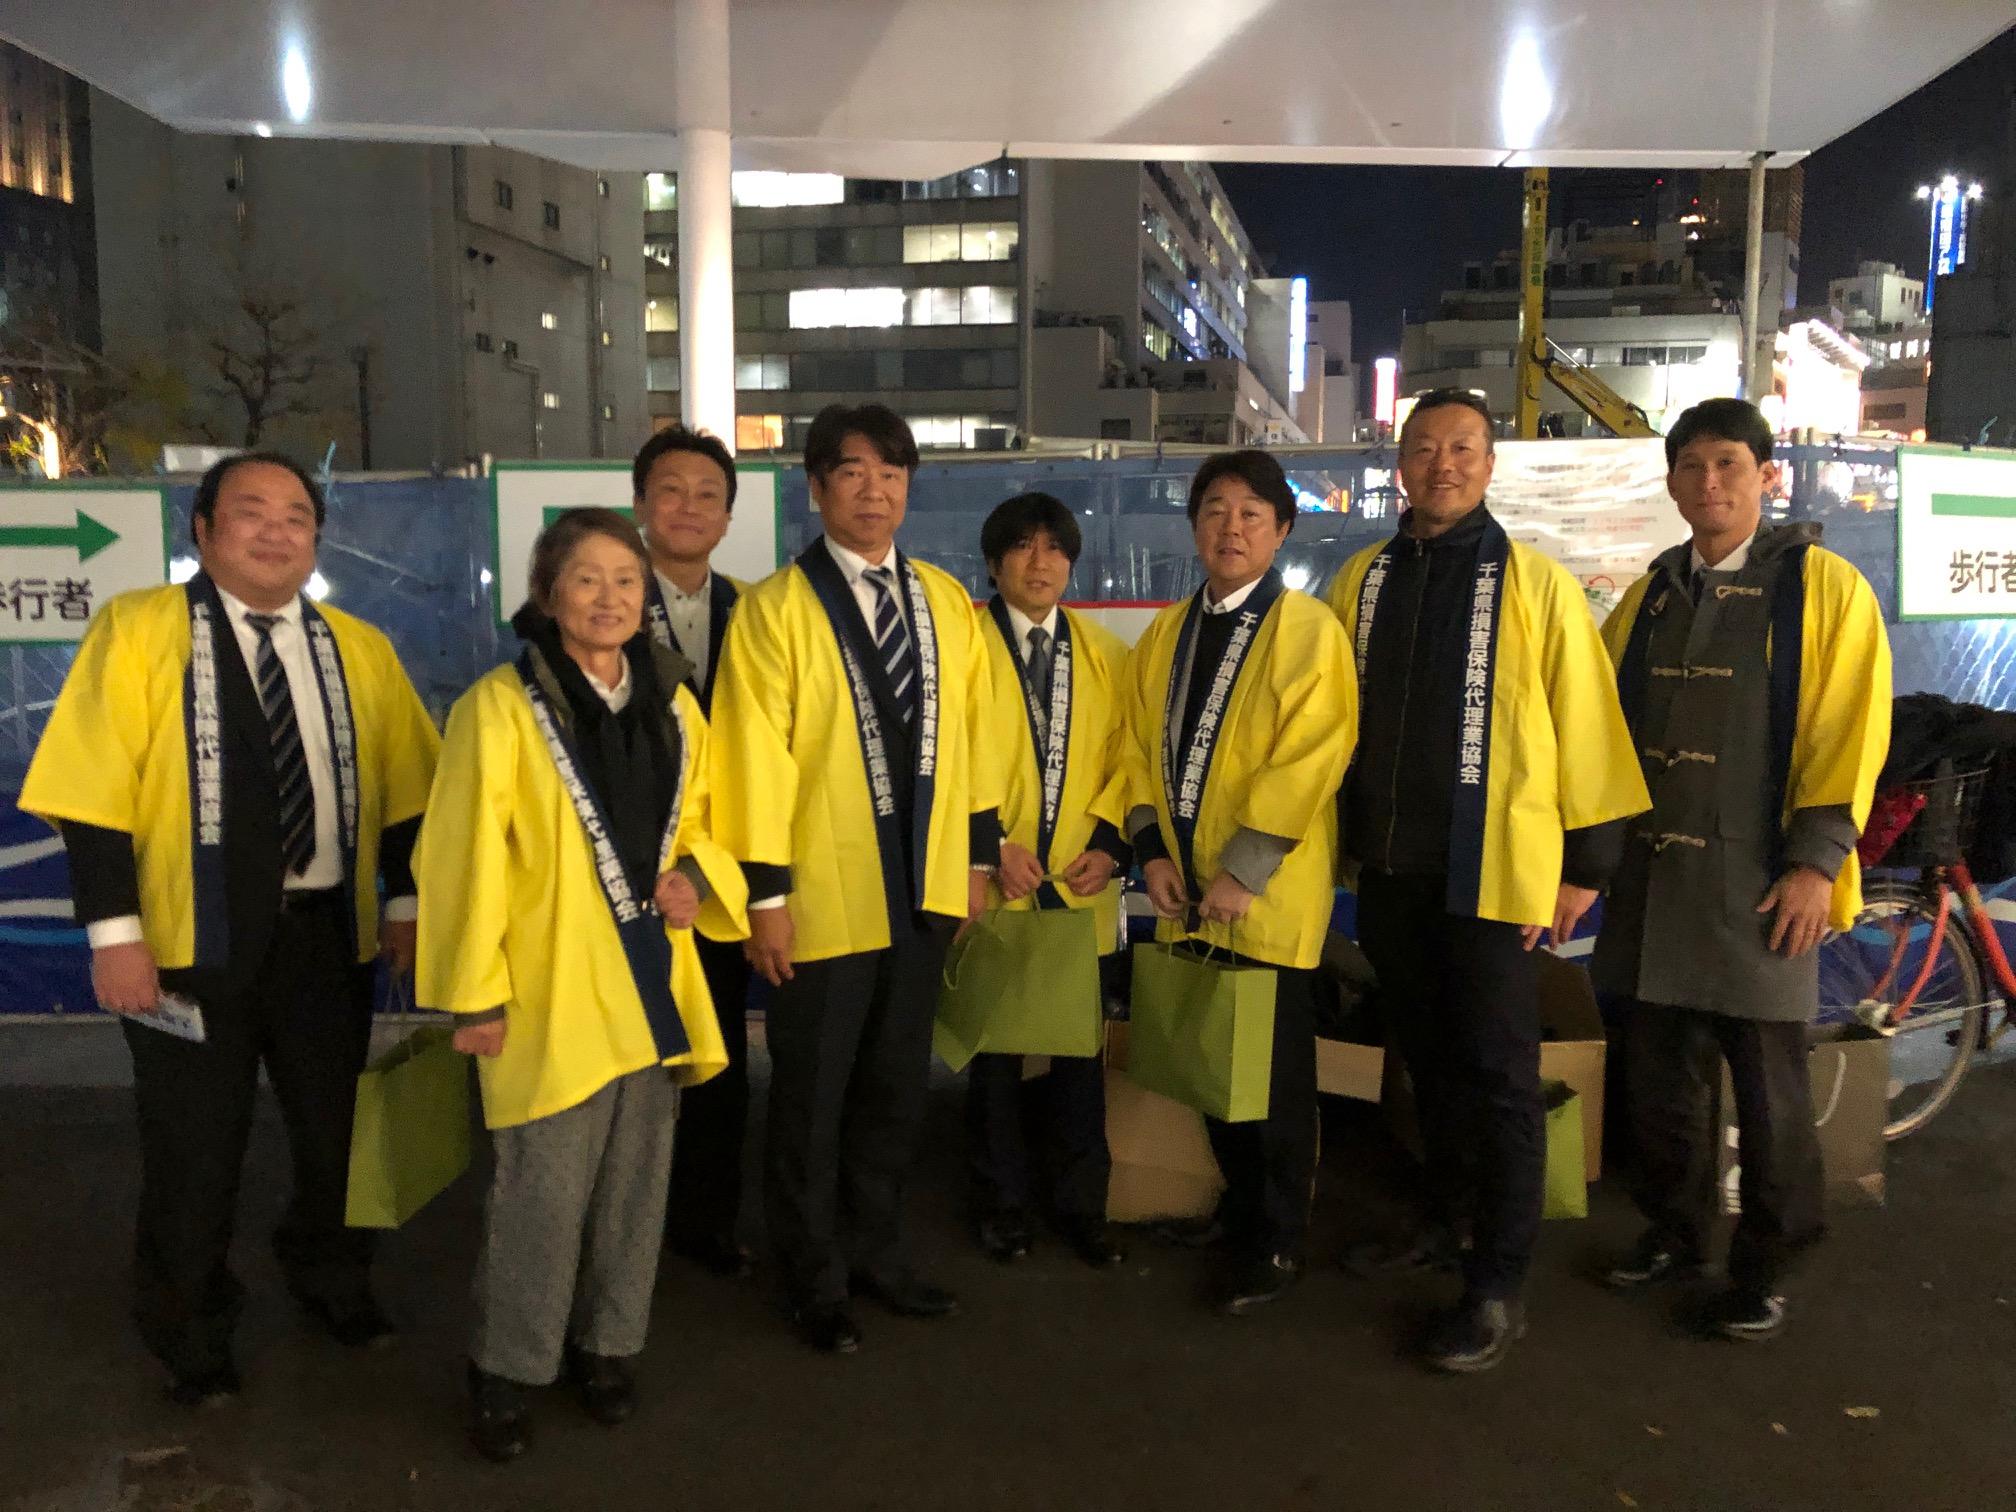 昨年度、JR千葉駅前でのチラシ配り